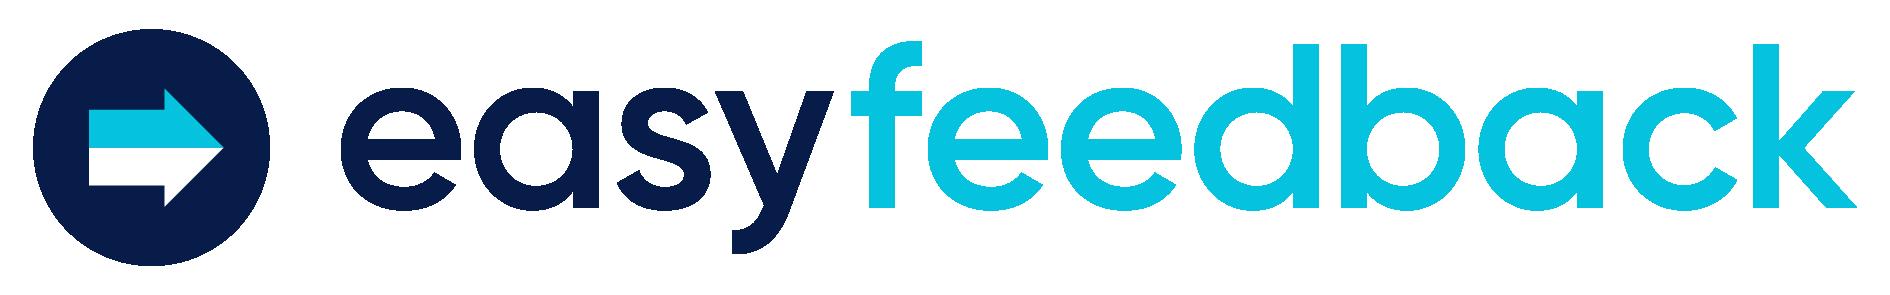 Easy Feedback logo